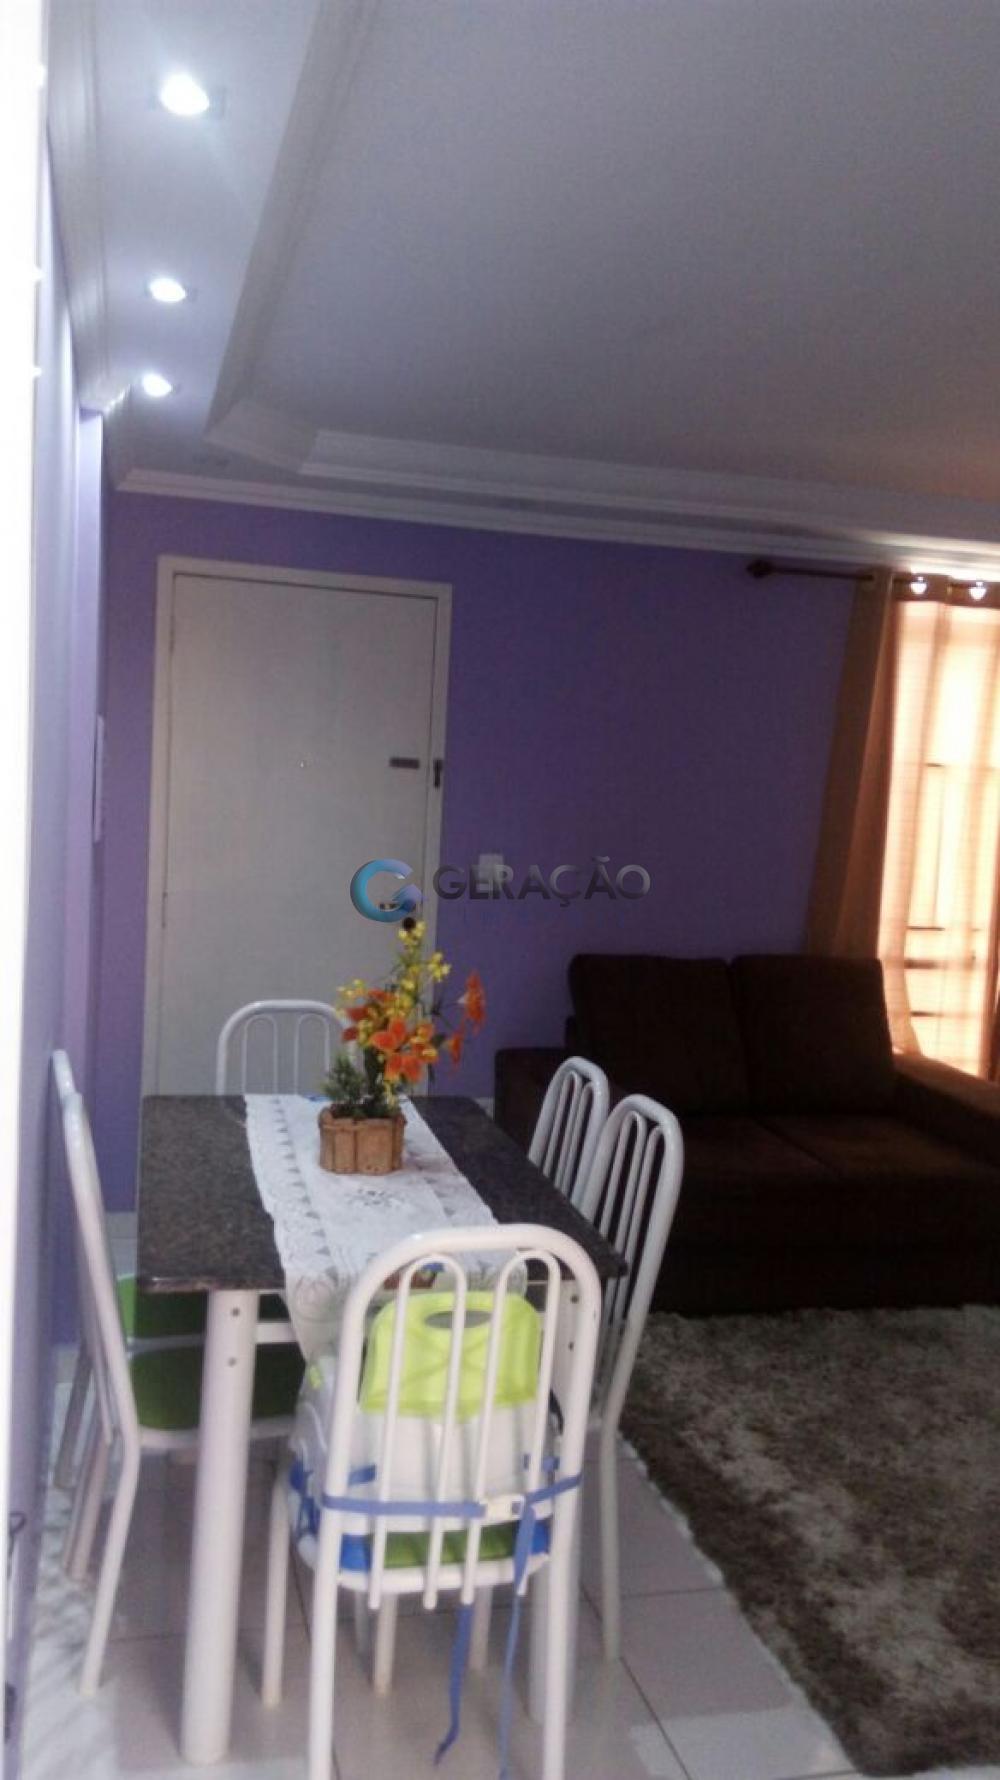 Comprar Apartamento / Padrão em São José dos Campos R$ 185.000,00 - Foto 3